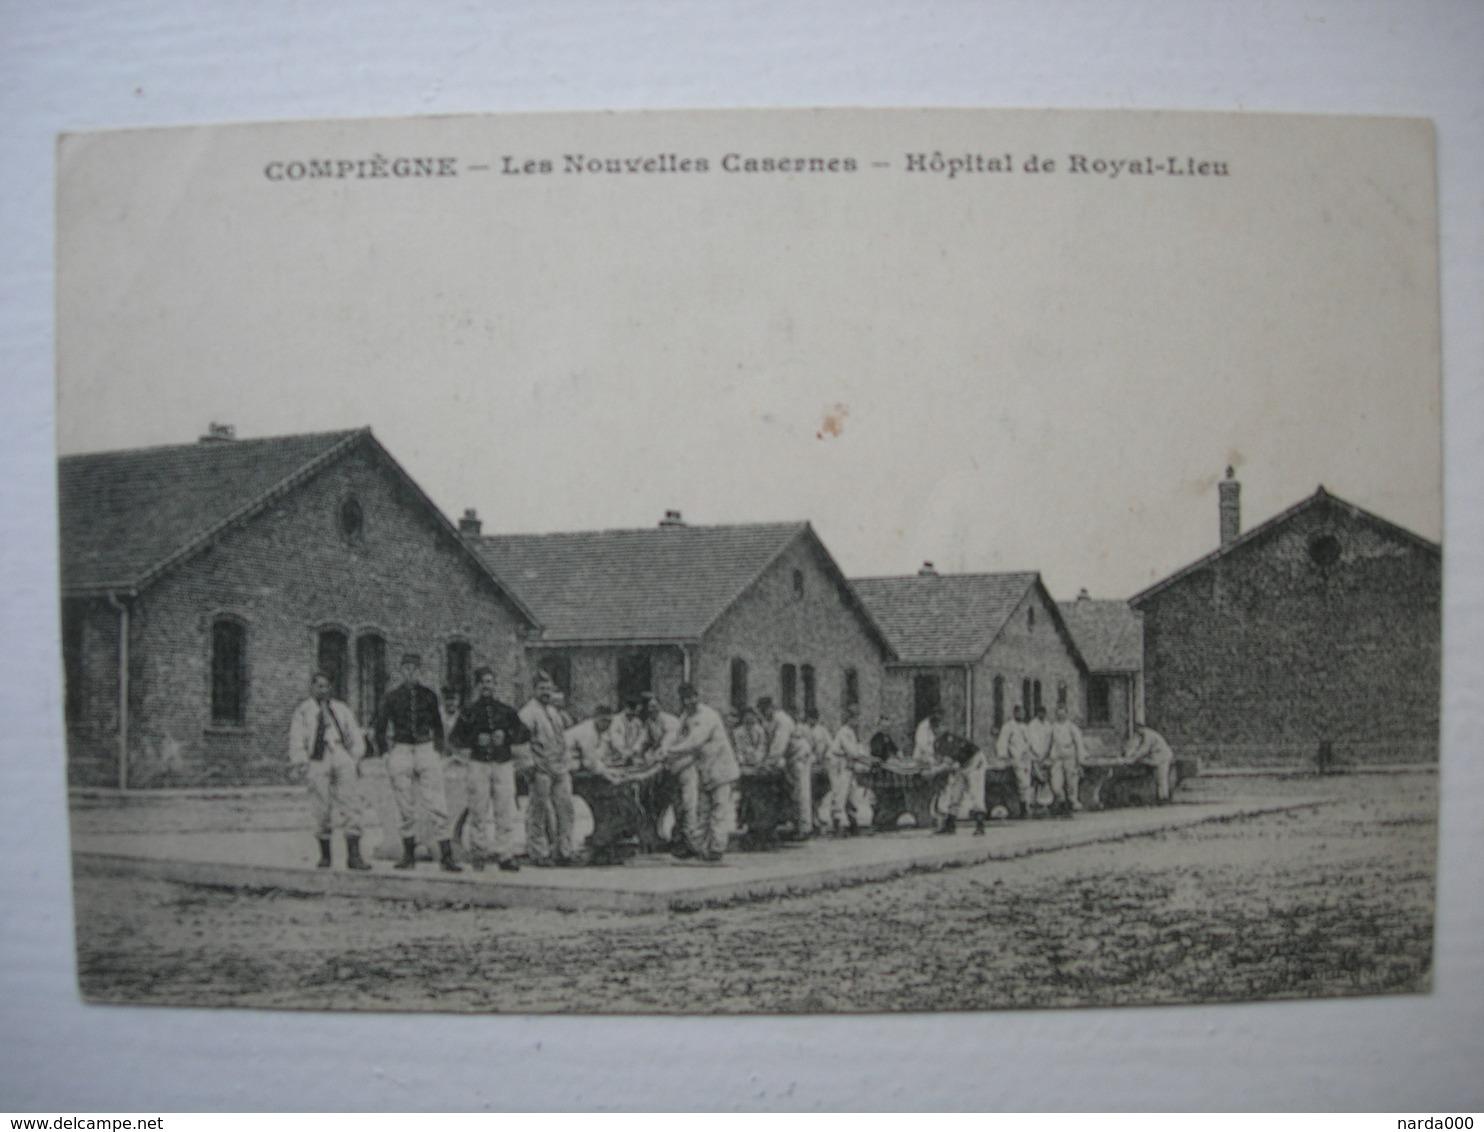 CPA Compiegne. Les Nouvelles Casernes. Hopital D Royal-Lieu.1918. - Compiegne